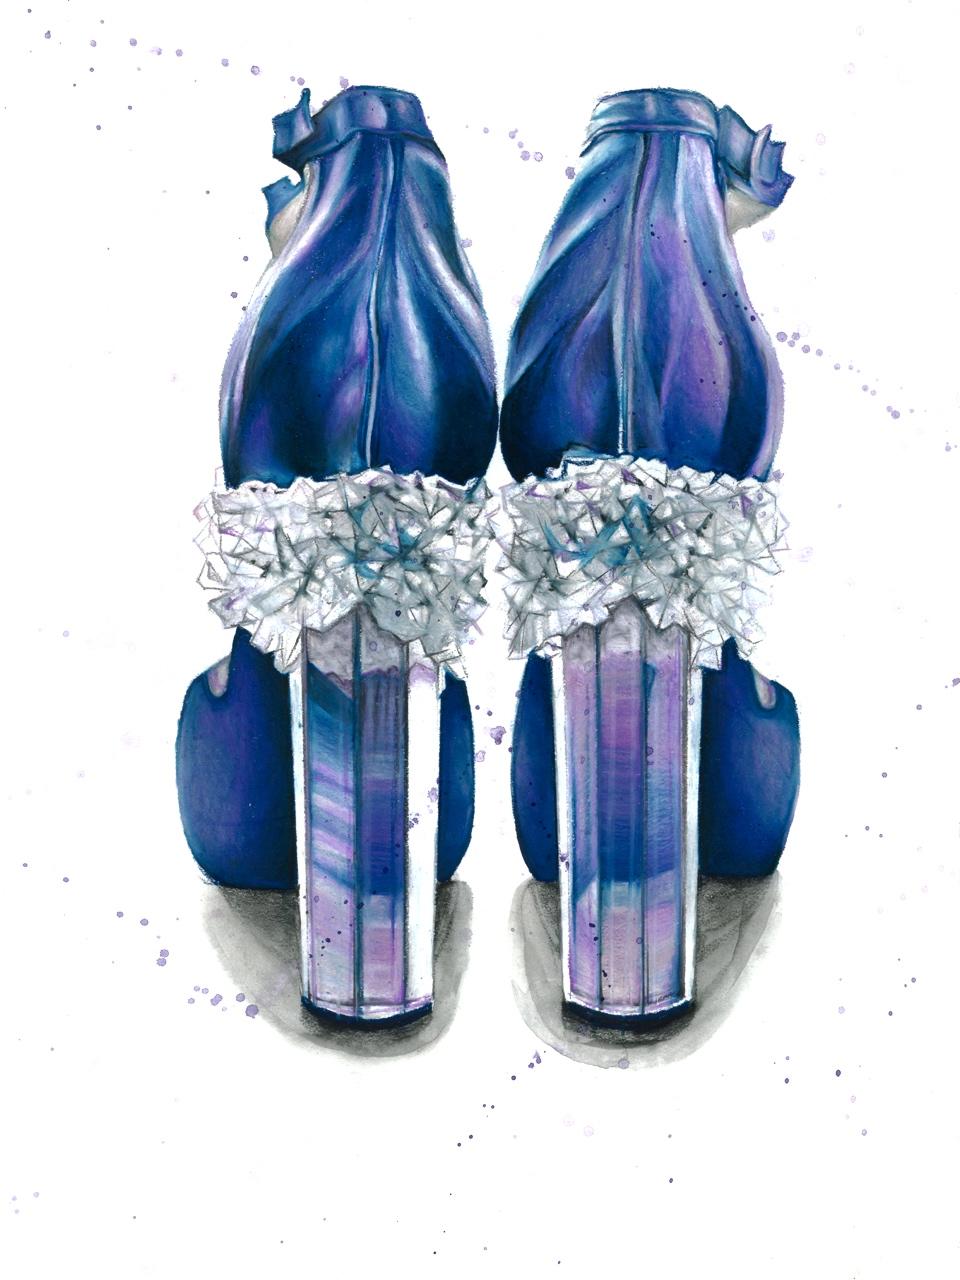 Walking on Crystals I